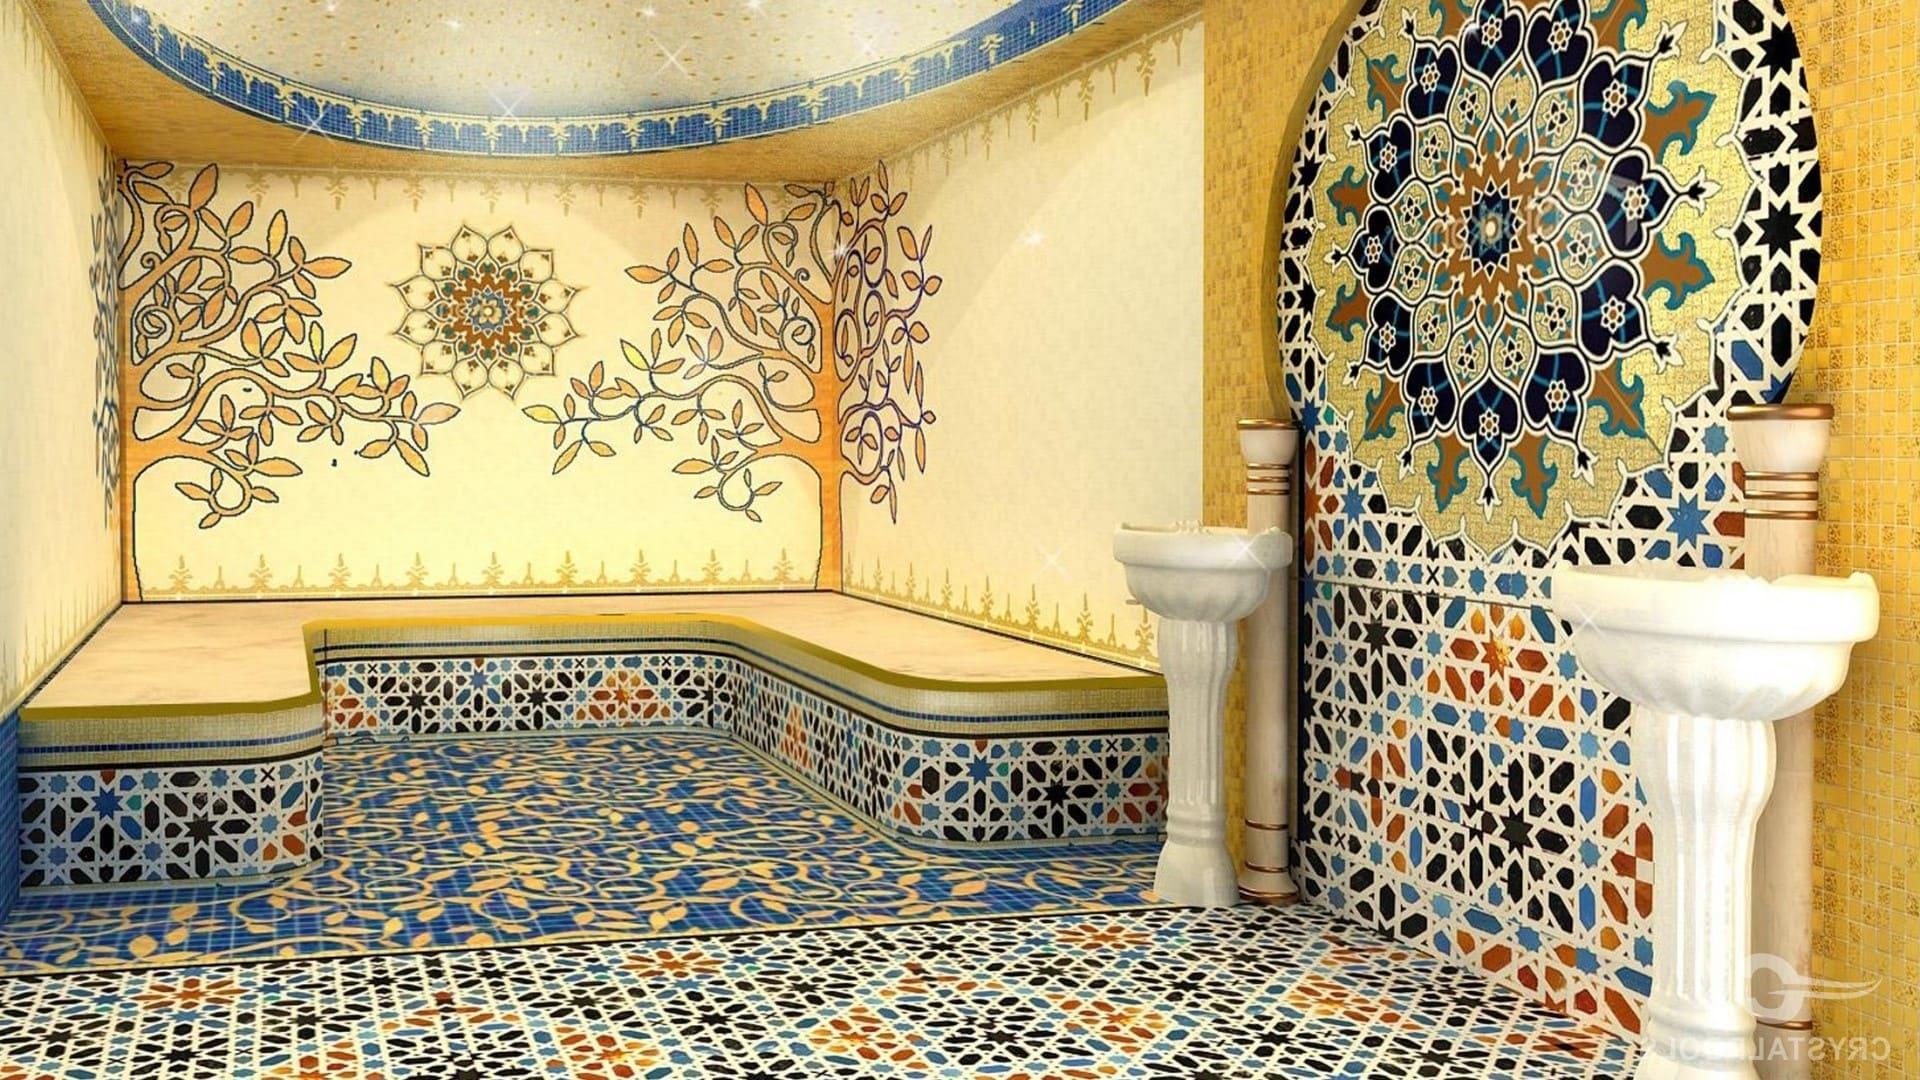 la fabbrica плитка баня